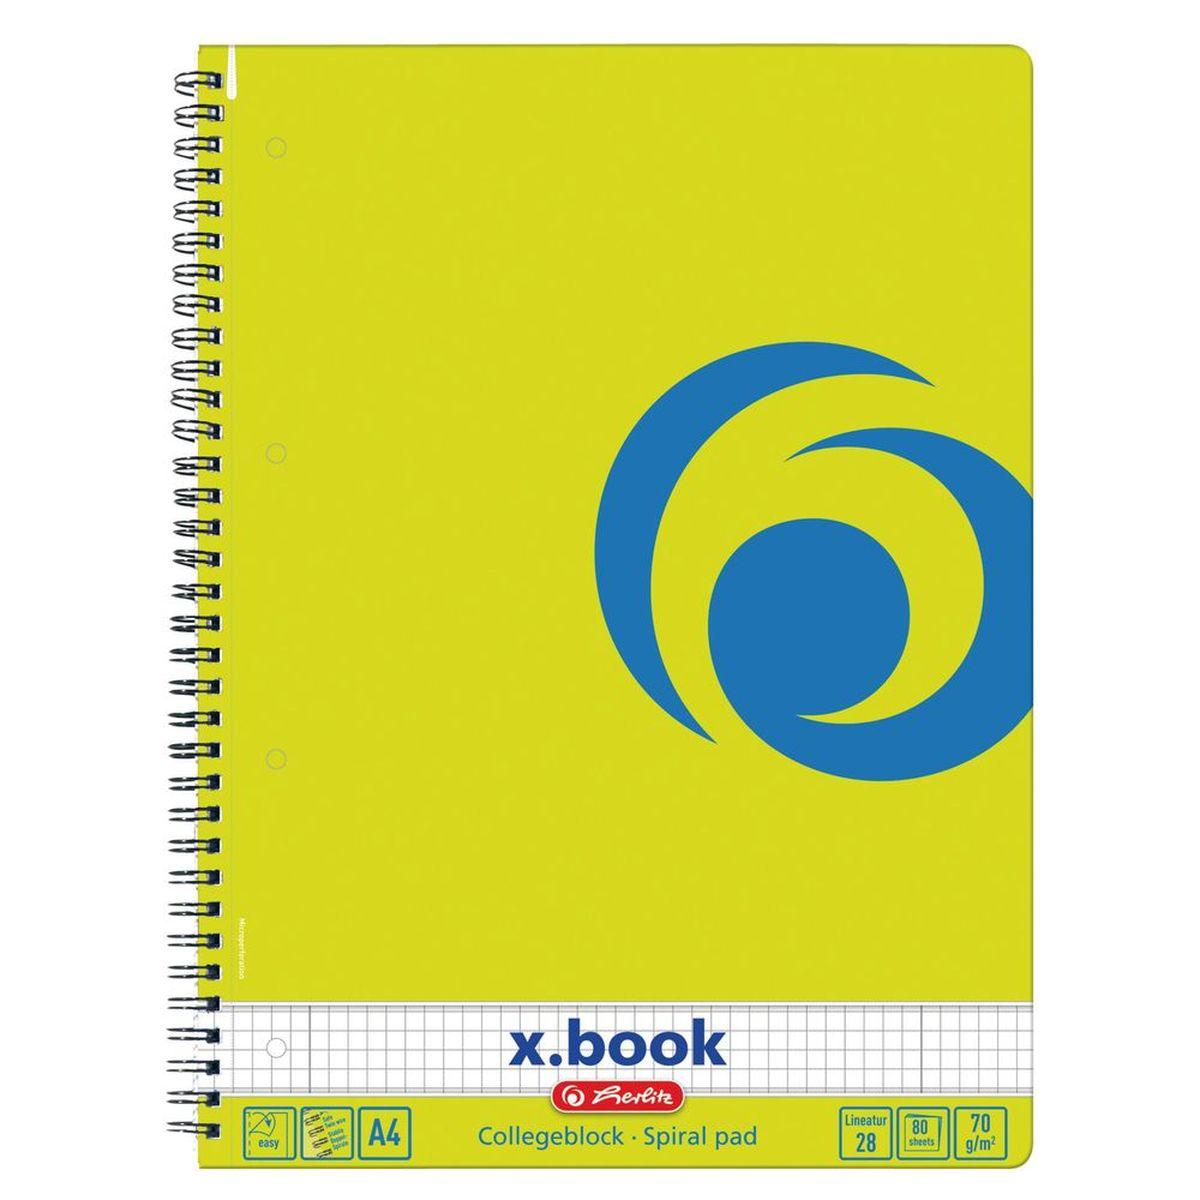 Herlitz Блокнот x.book Лимон 80 листов в клетку11365574Блокнот Herlitz серии x.book - ваш идеальный партнер для дома и отдыха. Благодаря разнообразию форм в четырех форматах от А4 до А7, x.book пригодится в любой ситуации и поднимет настроение благодаря веселым расцветкам, например, солнечный желтый, яркий красный, сочный зеленый и сияющий синий. Блокнот содержит 80 листов формата А4 в клетку с полями. Обложка выполнена из качественного ламинированного картона. Внутренний спиральный блок изготовлен из металла и гарантирует надежное крепление листов. Блокнот для записей от Herlitz станет достойным аксессуаром среди ваших канцелярских принадлежностей. Это отличный подарок как коллеге или деловому партнеру, так и близким людям.